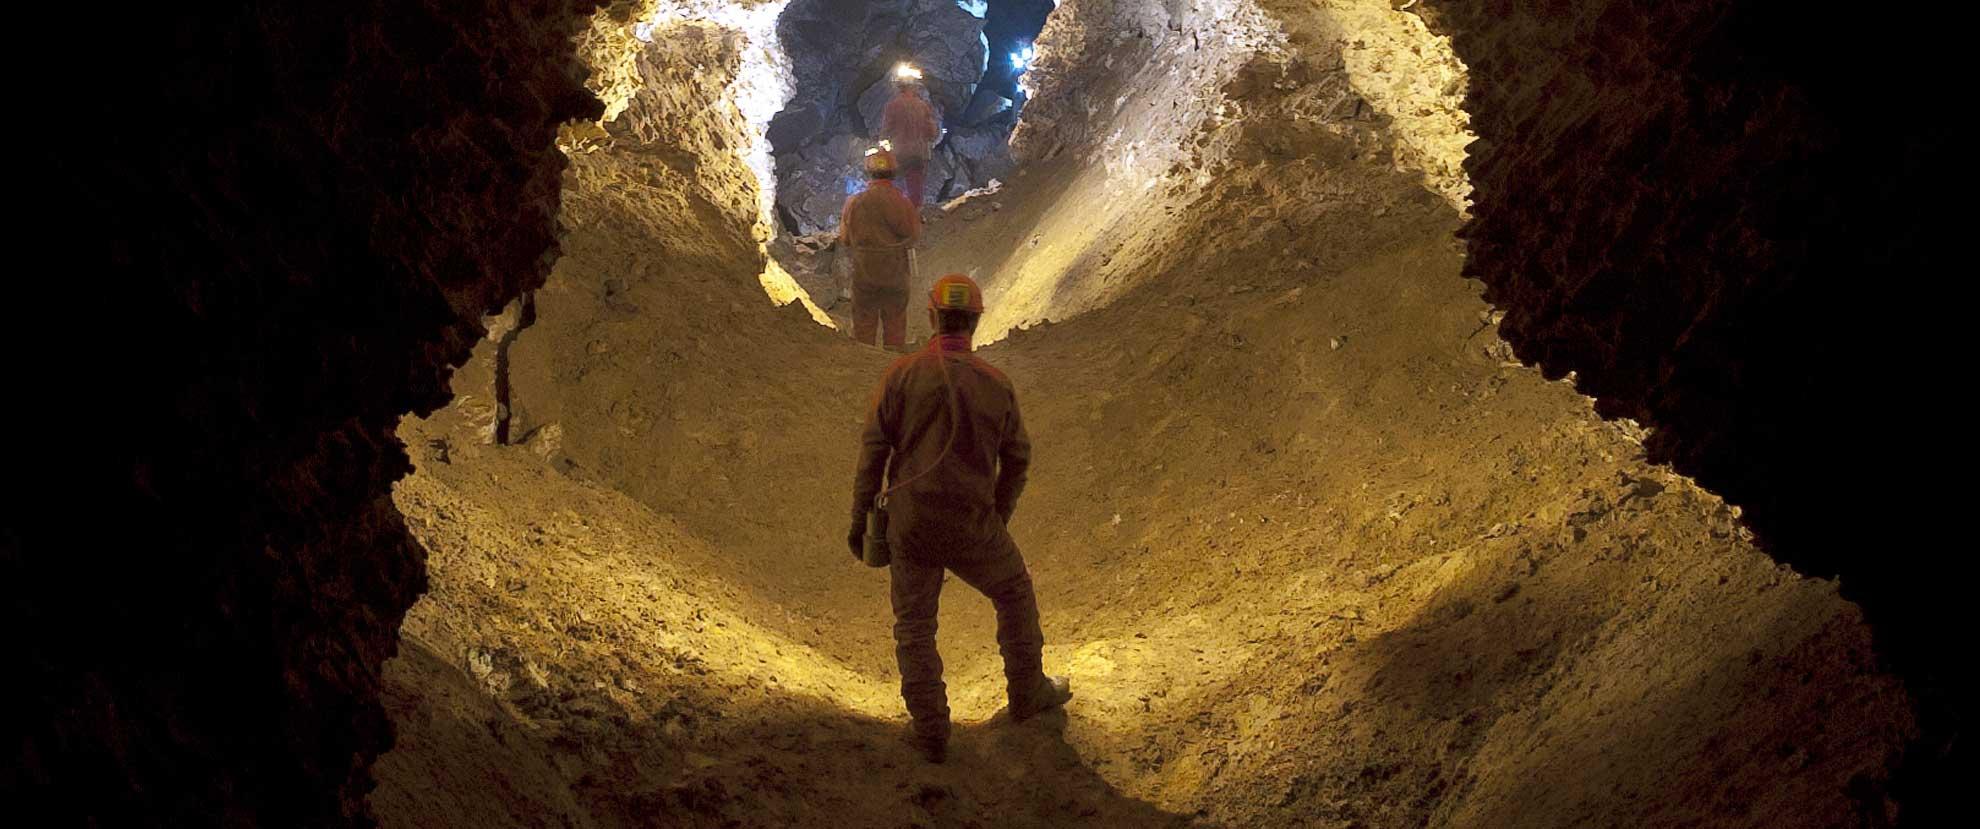 Découverte de la grotte de la Roquette en spéléologie